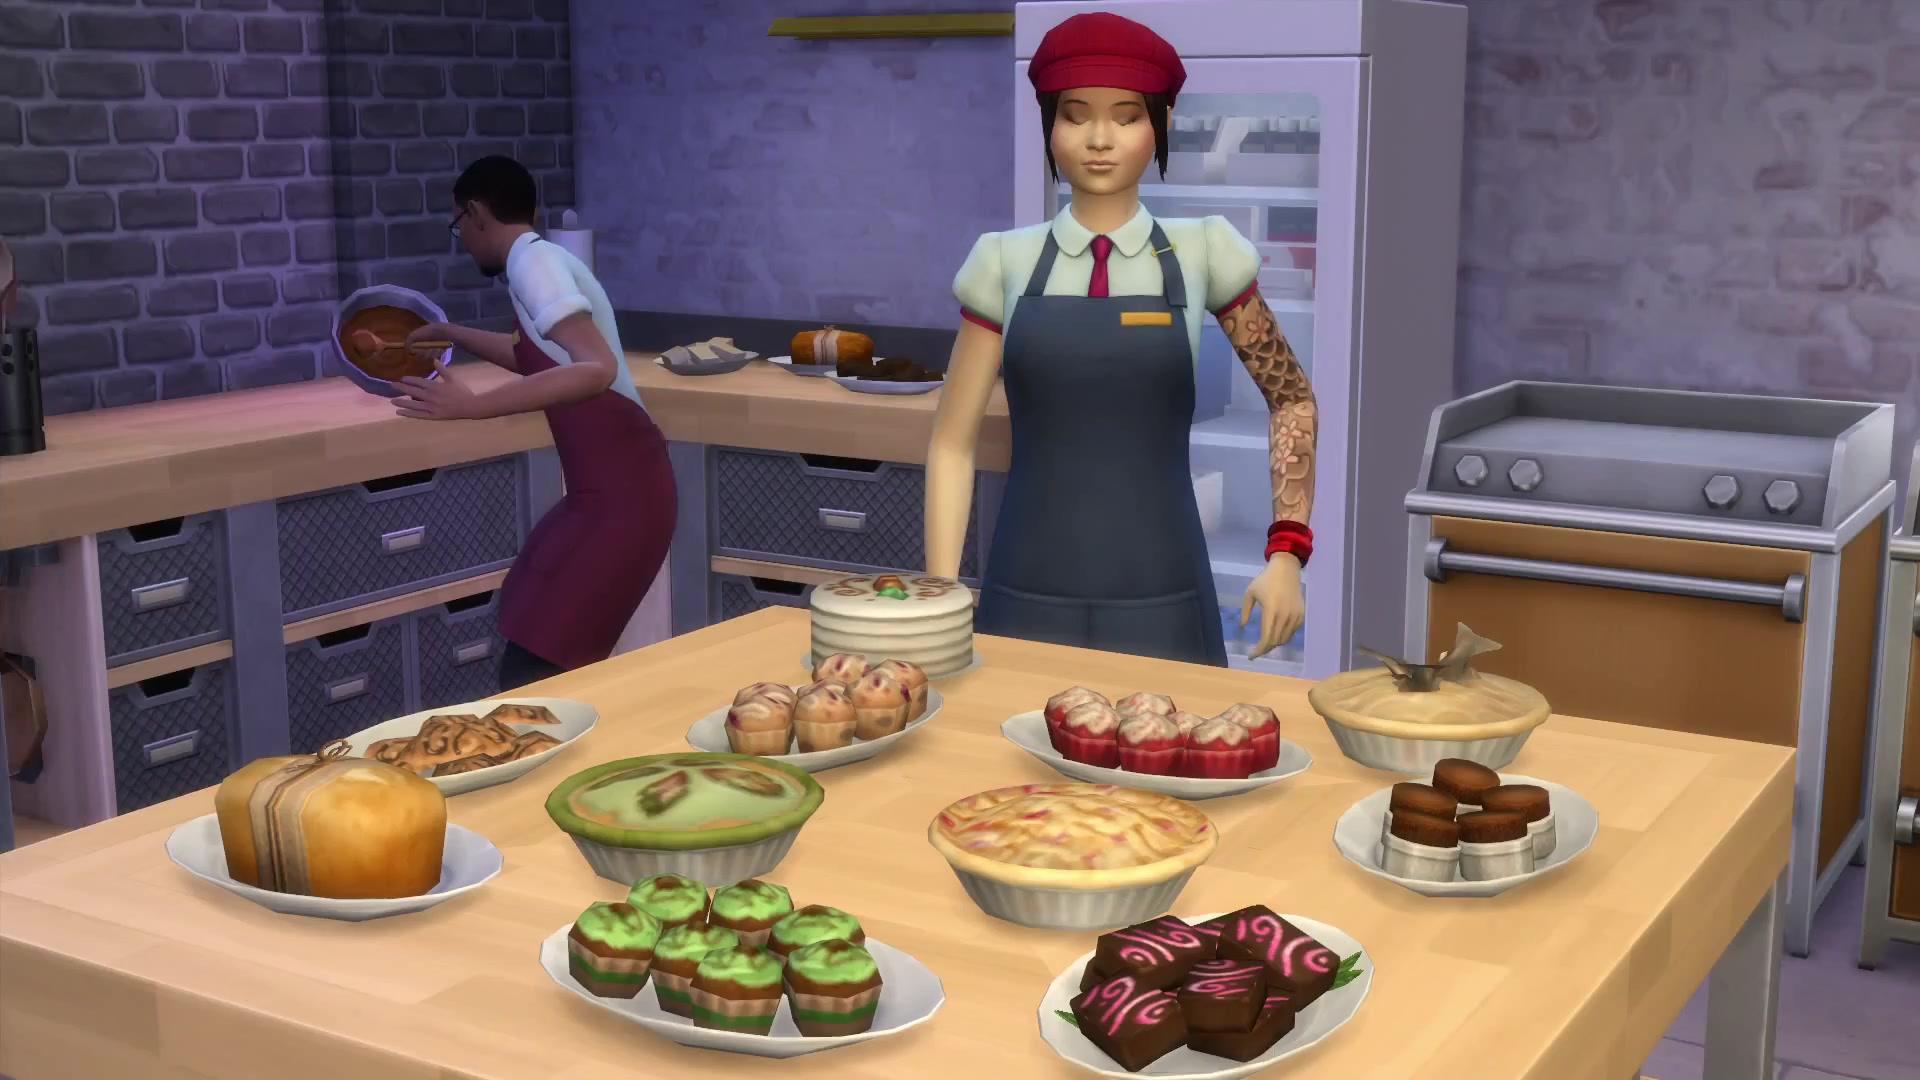 Sims 3 рецепты как приготовить куриную печень - 042c7